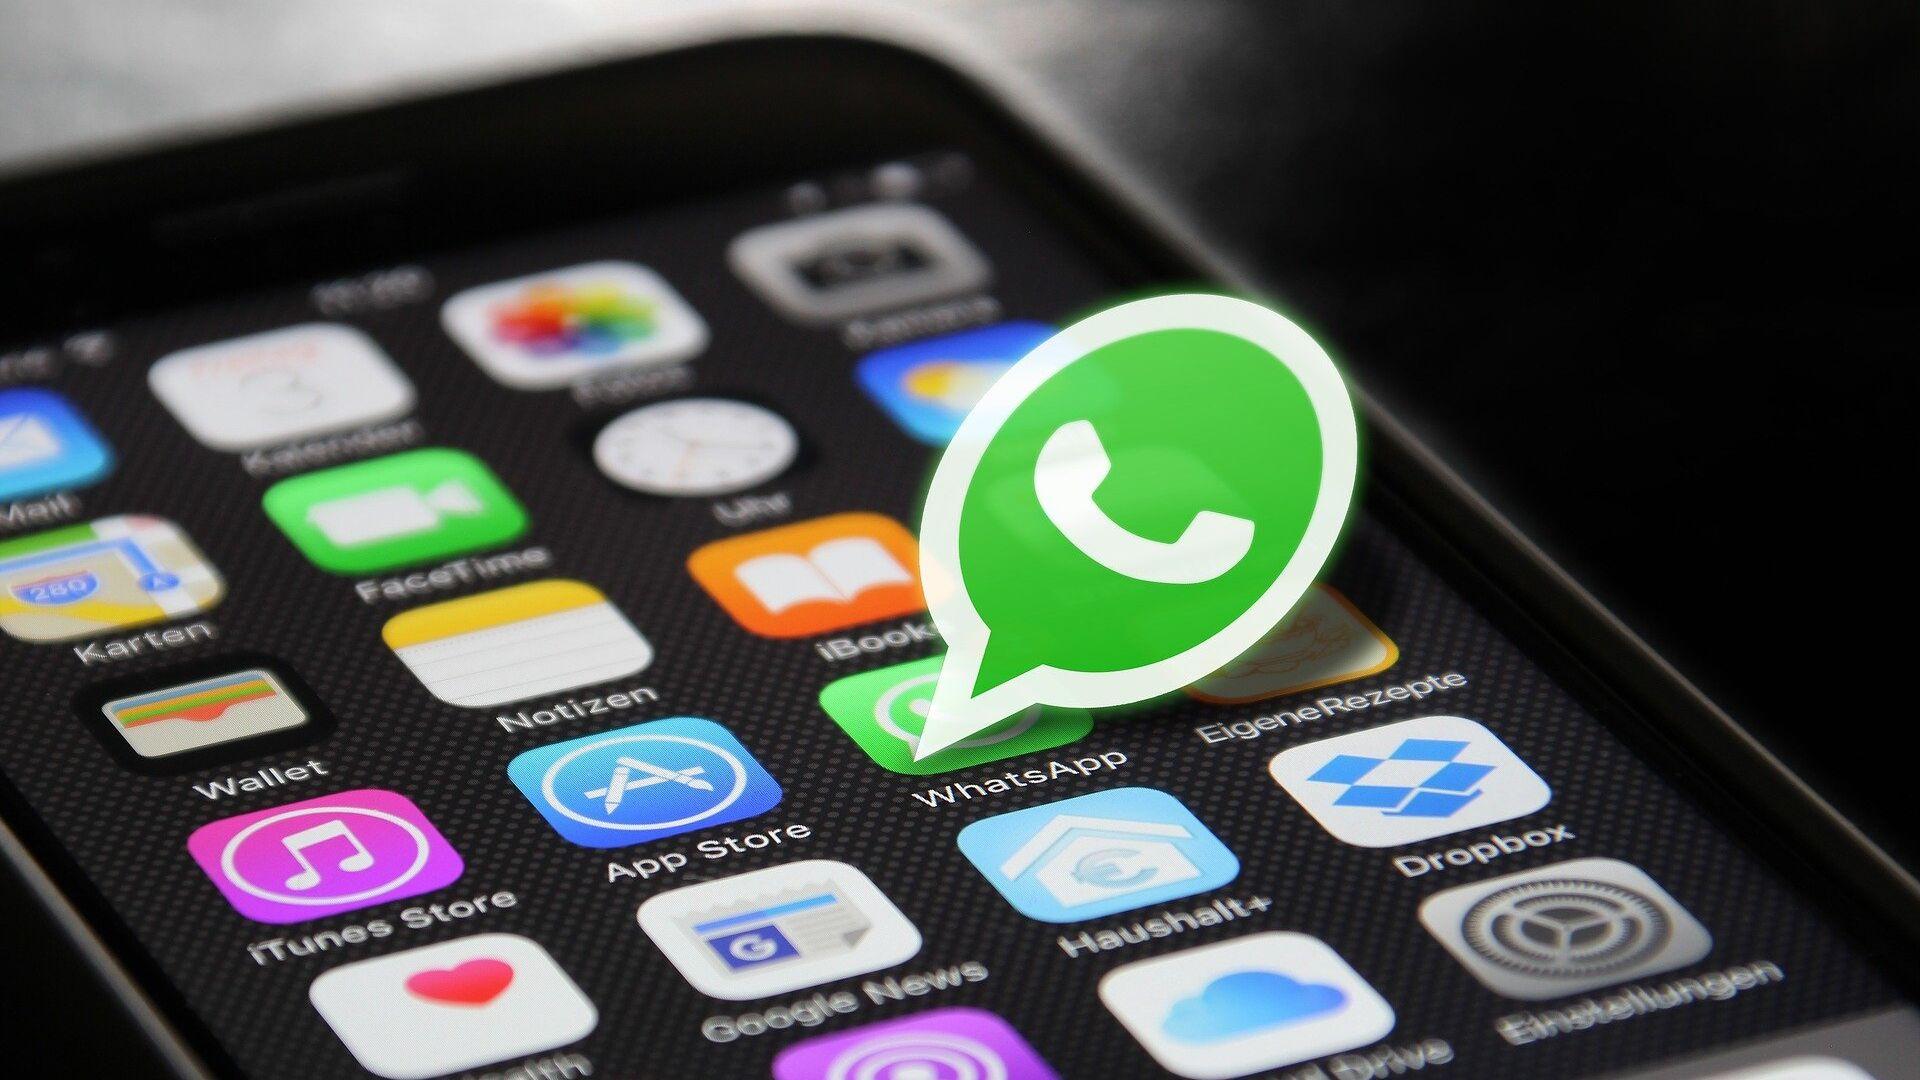 La aplicación de mensajería WhatsApp - Sputnik Mundo, 1920, 20.02.2021